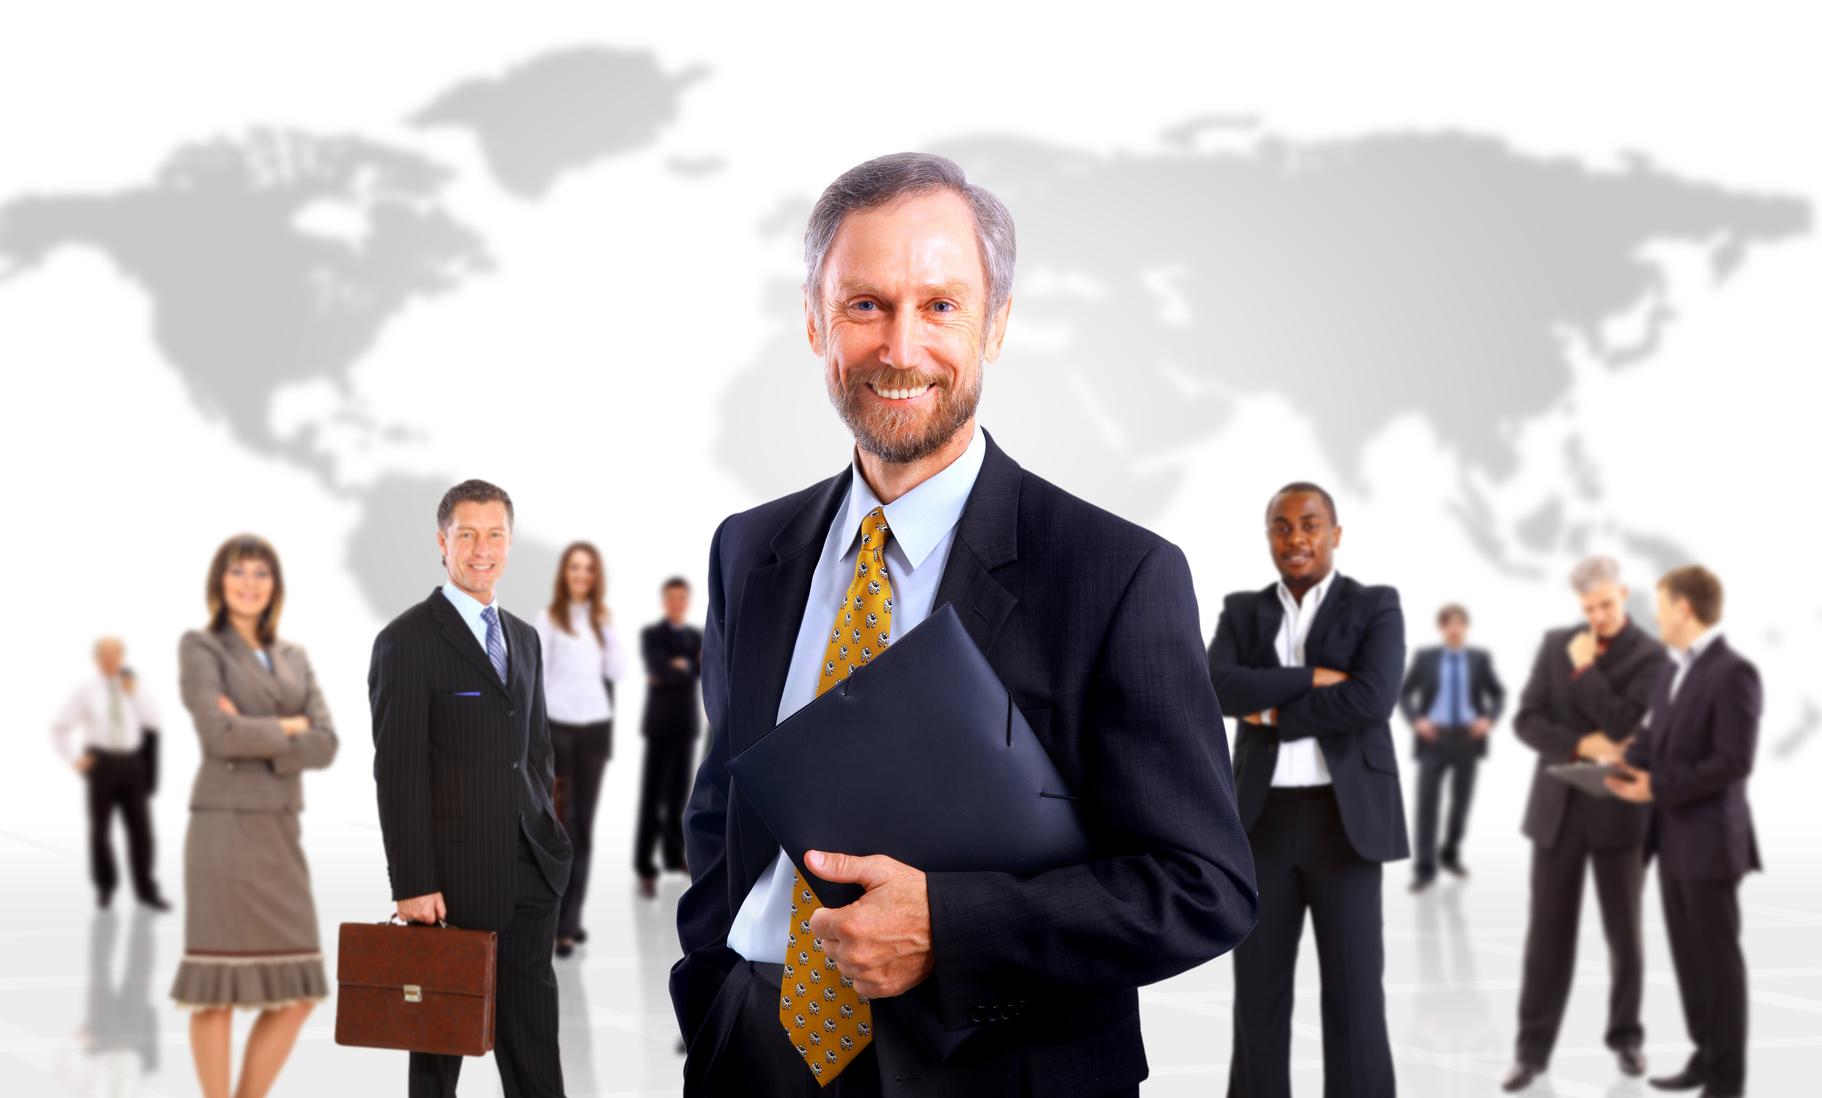 Professional Tax Preparation & Tax Planning in Florida